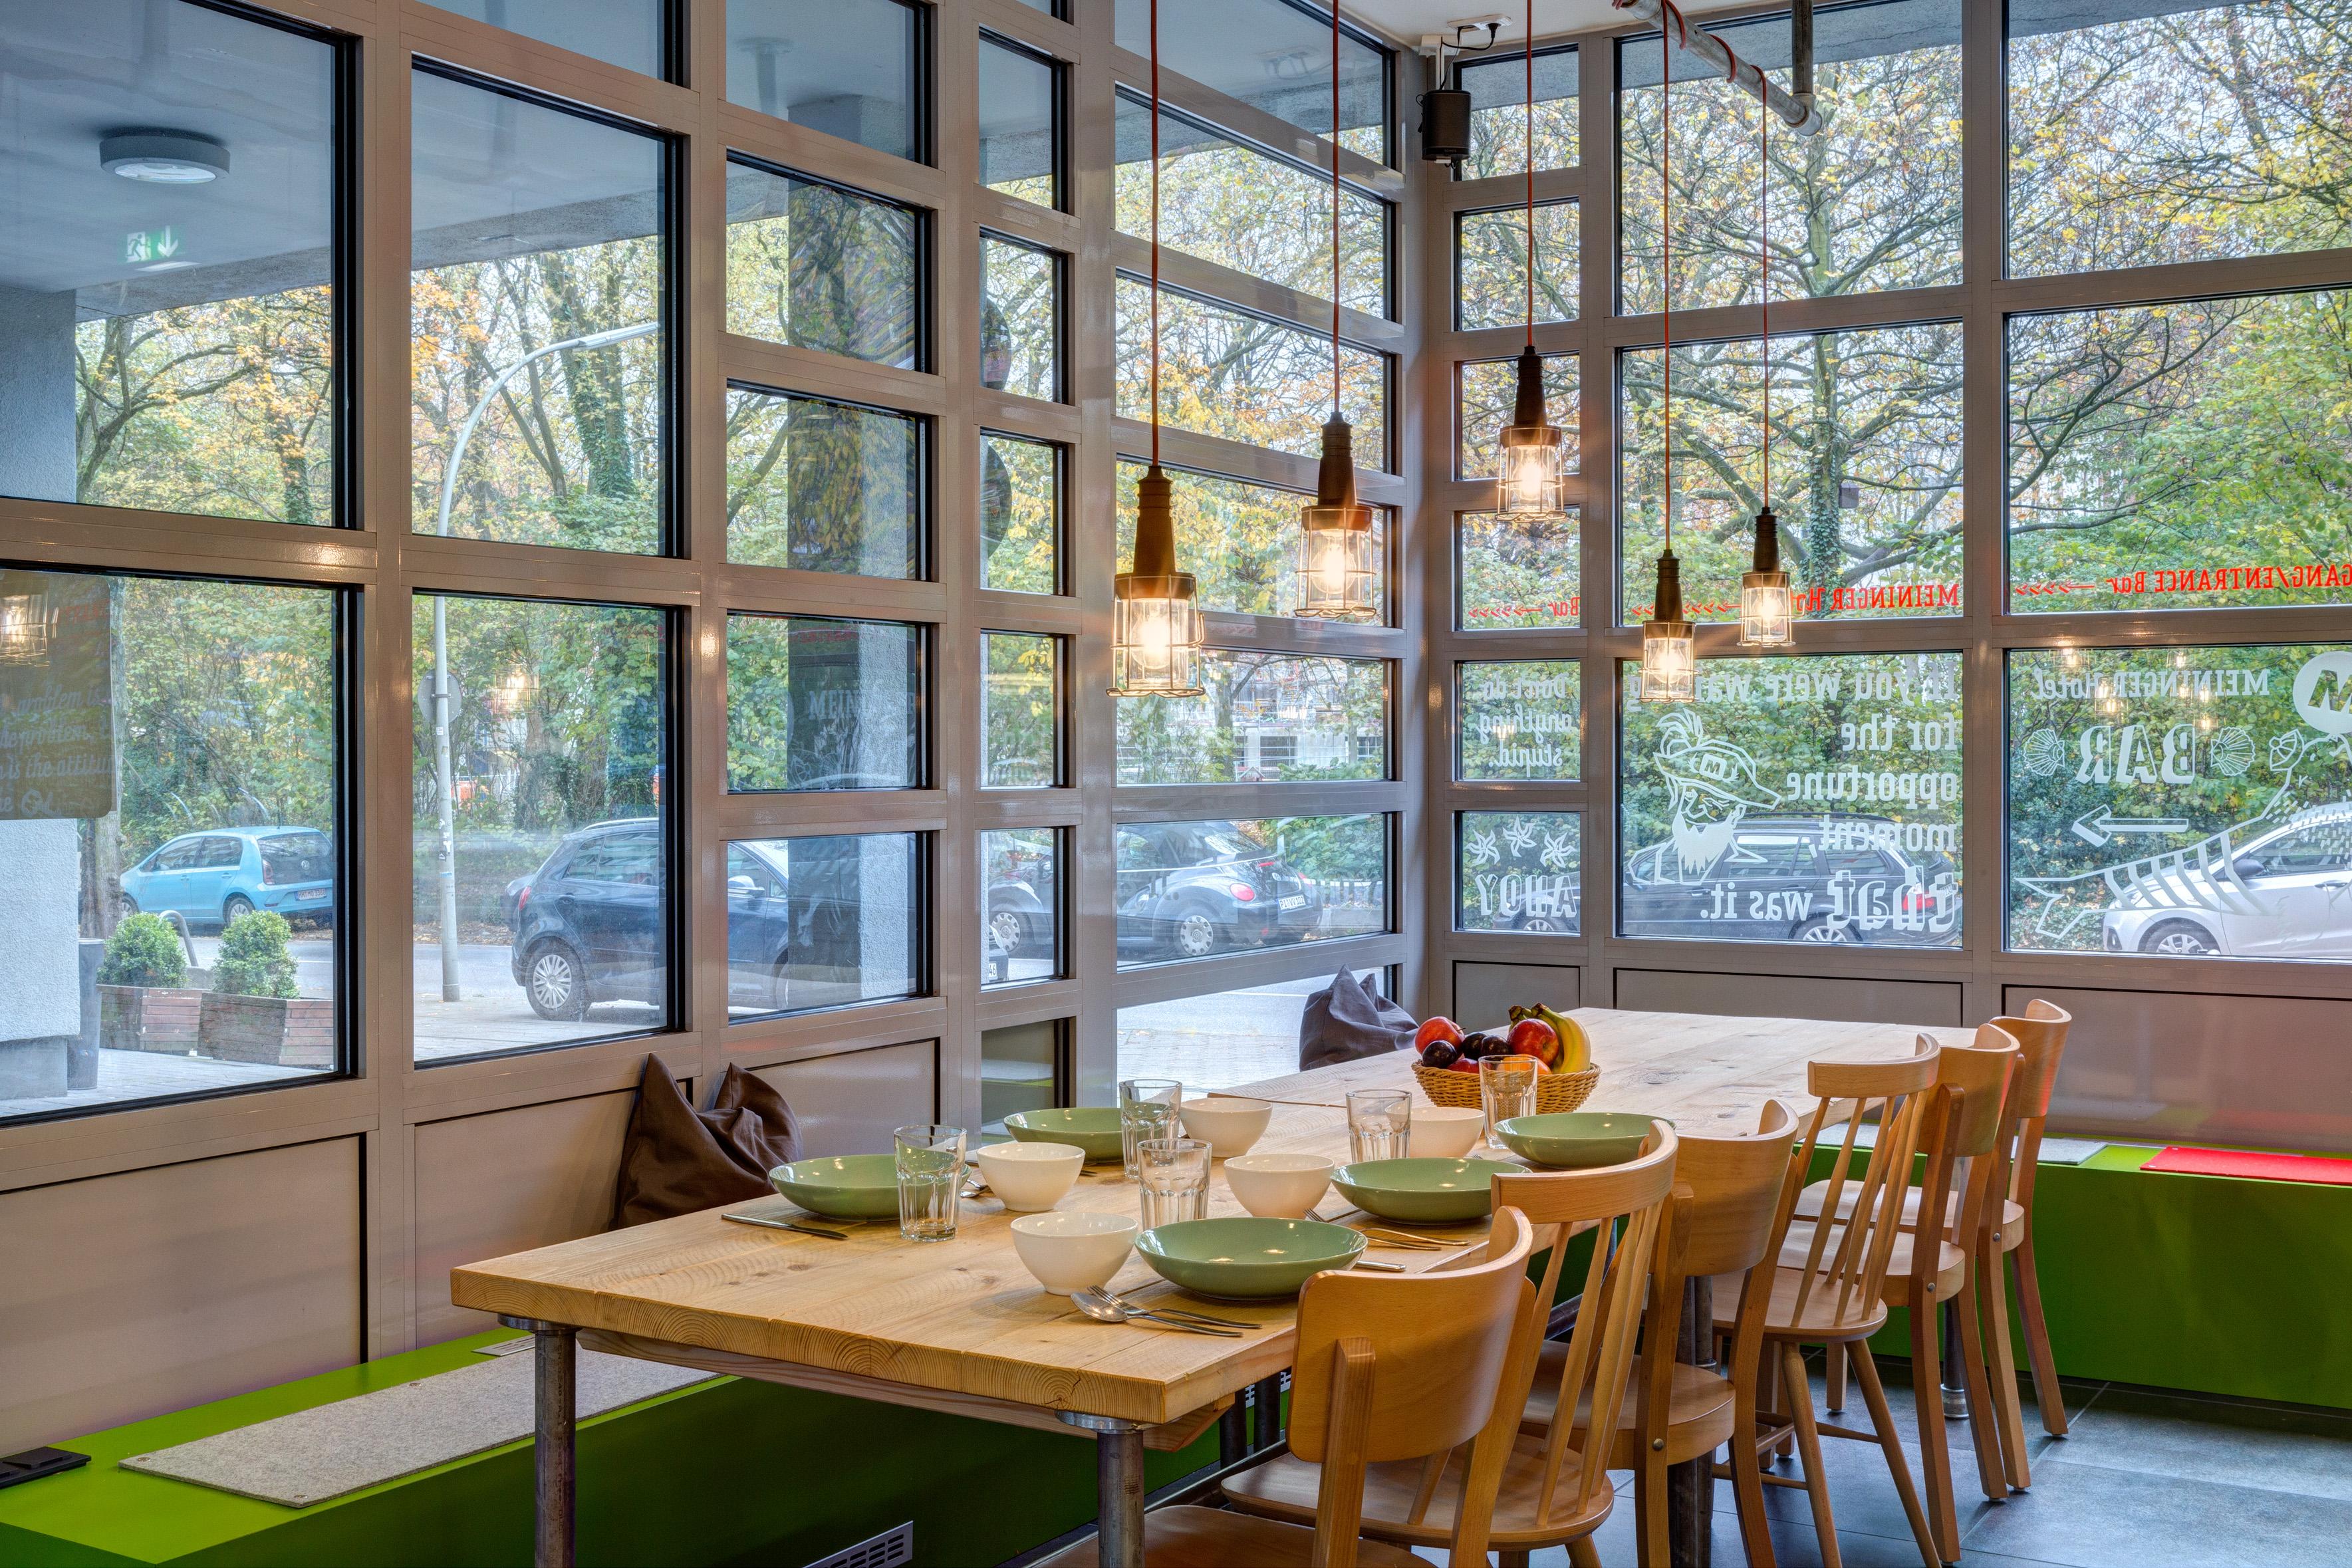 MEININGER Hotel Hamburg City Center - Guest kitchen